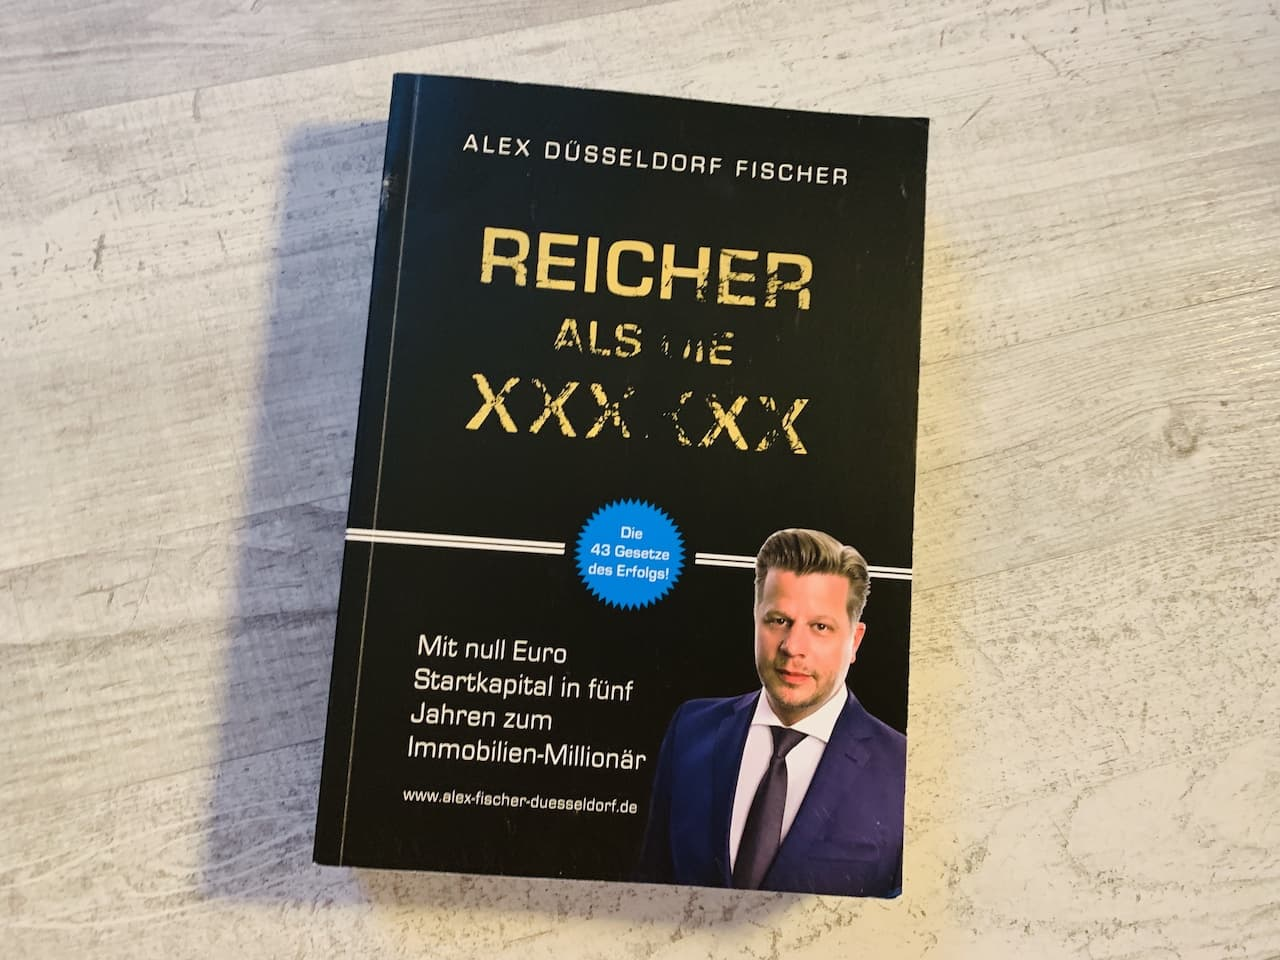 Reicher als die Geissens Alex Düsseldorf Fischer Cover